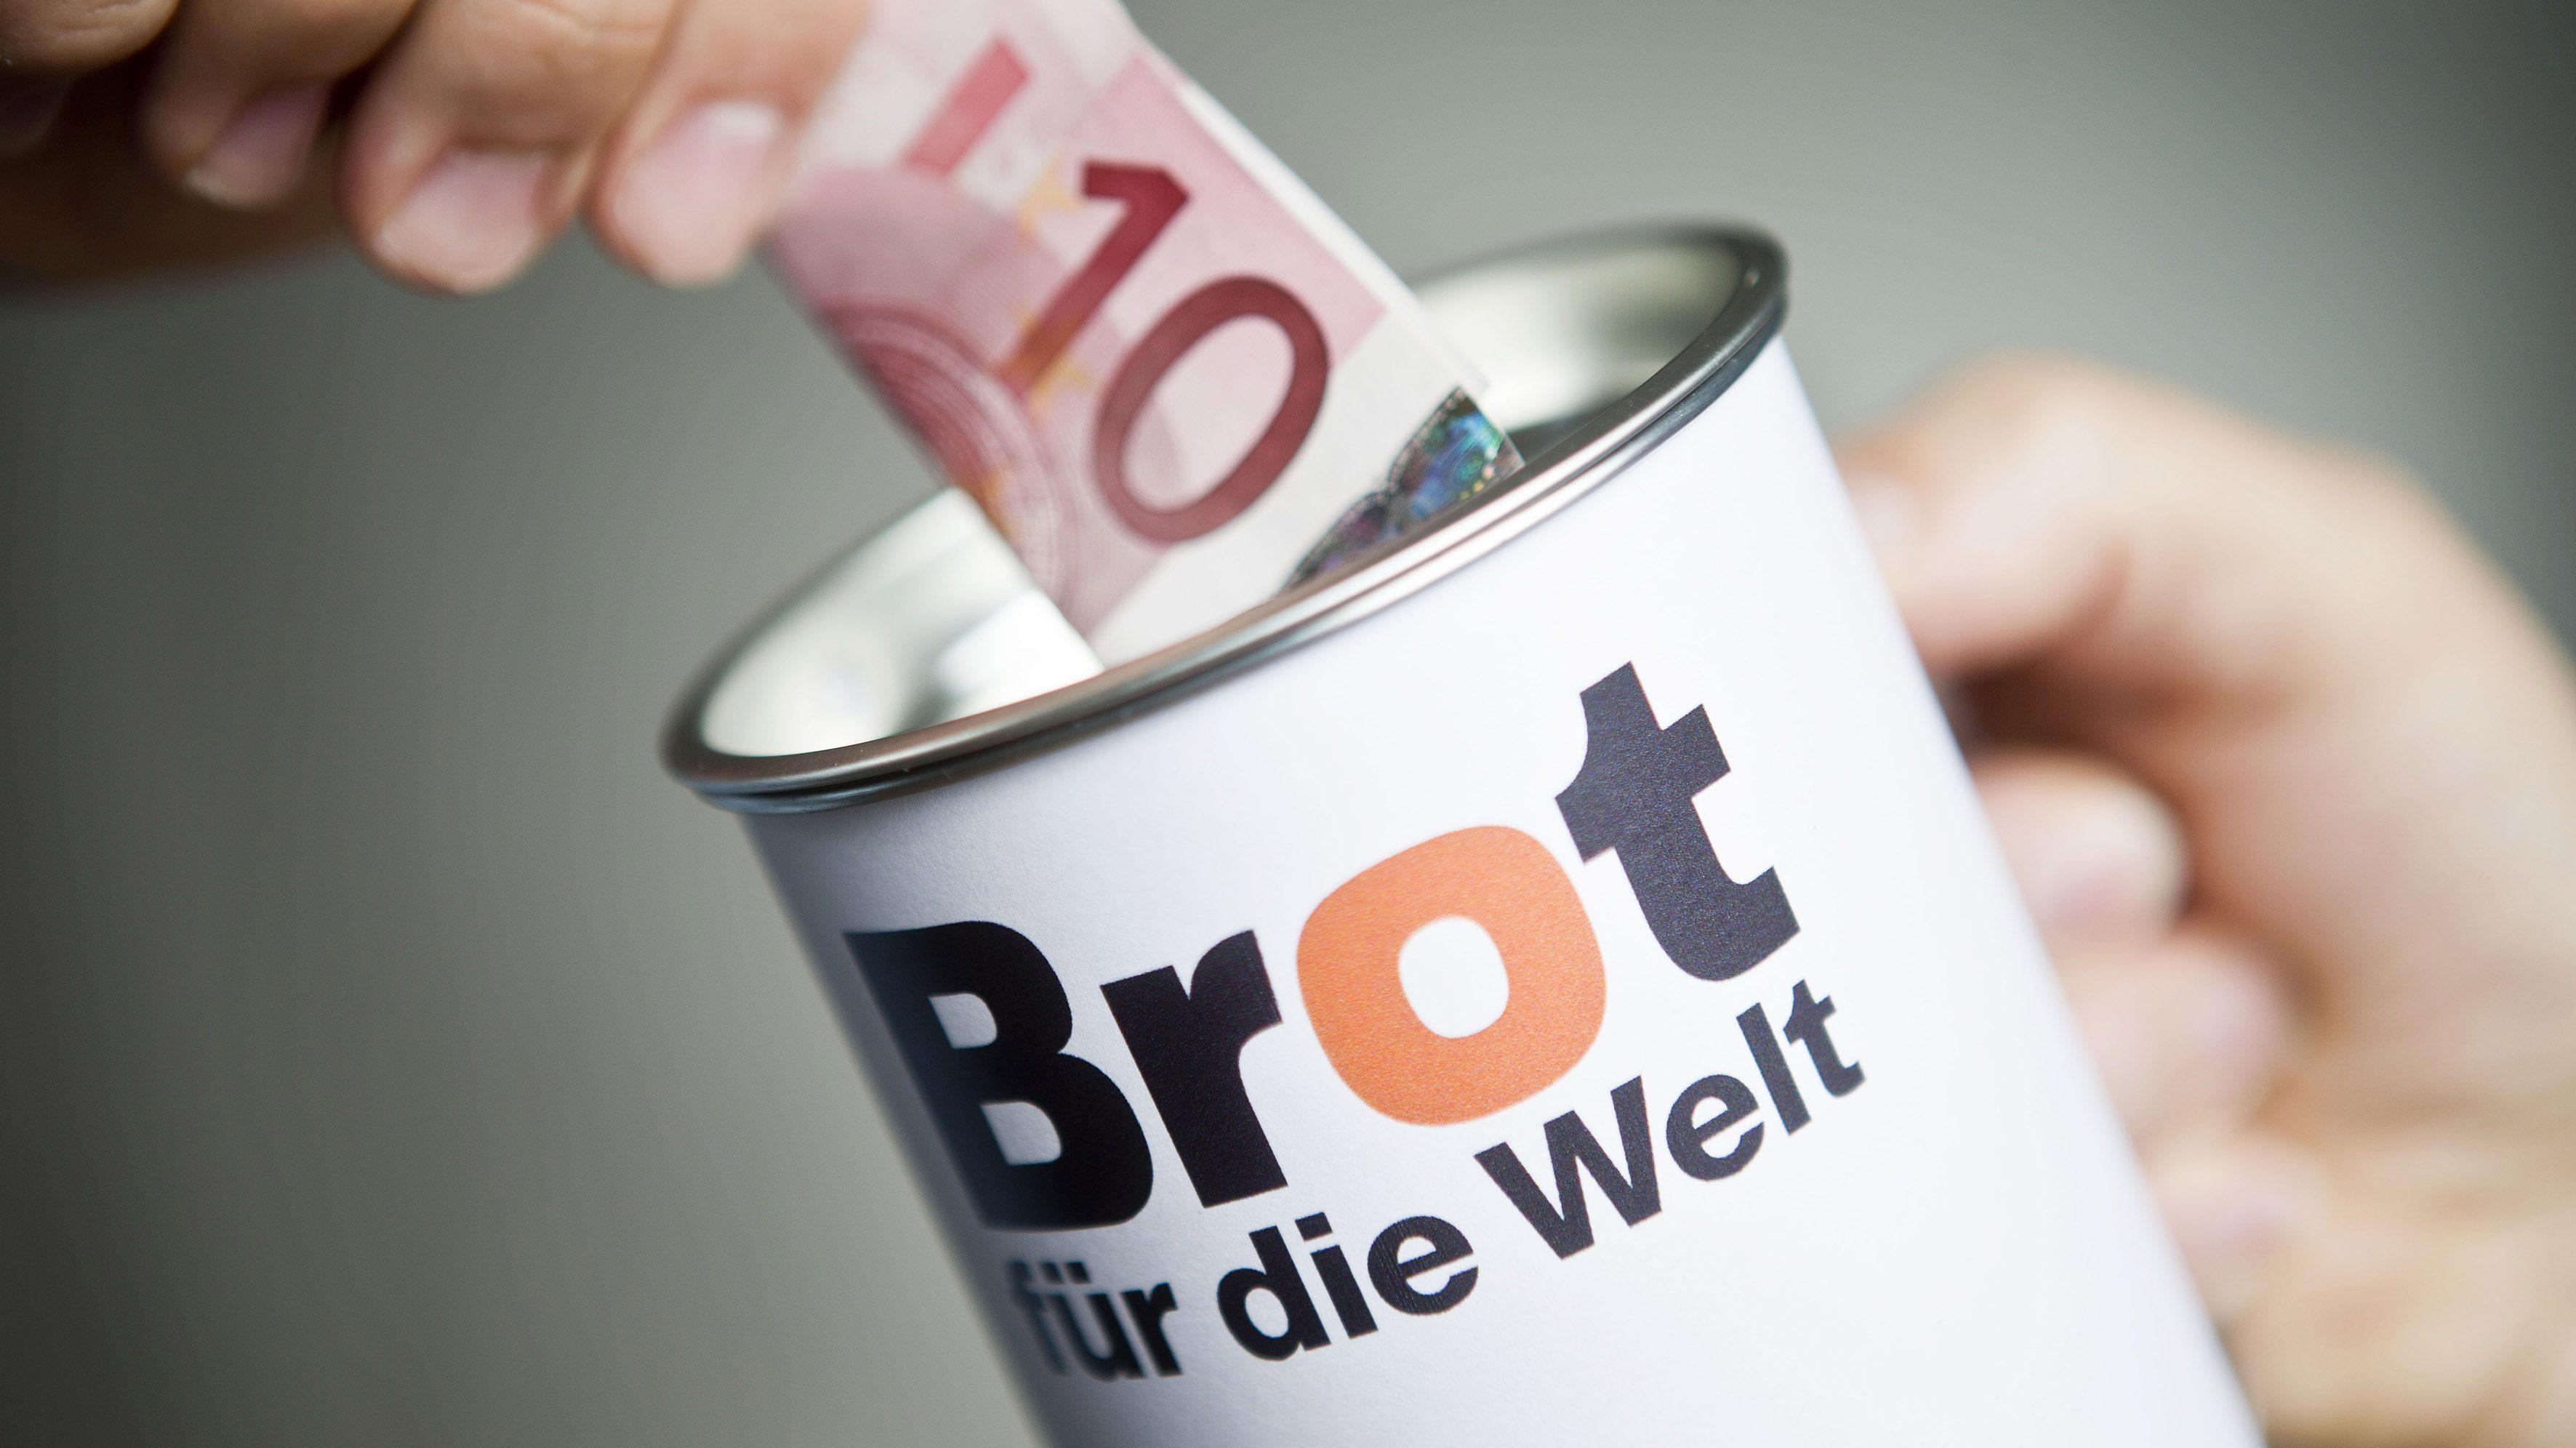 Großes Vertrauen in Brot für die Welt: Jahresbilanz 641.705,59 Euro Spenden aus der Region Köln